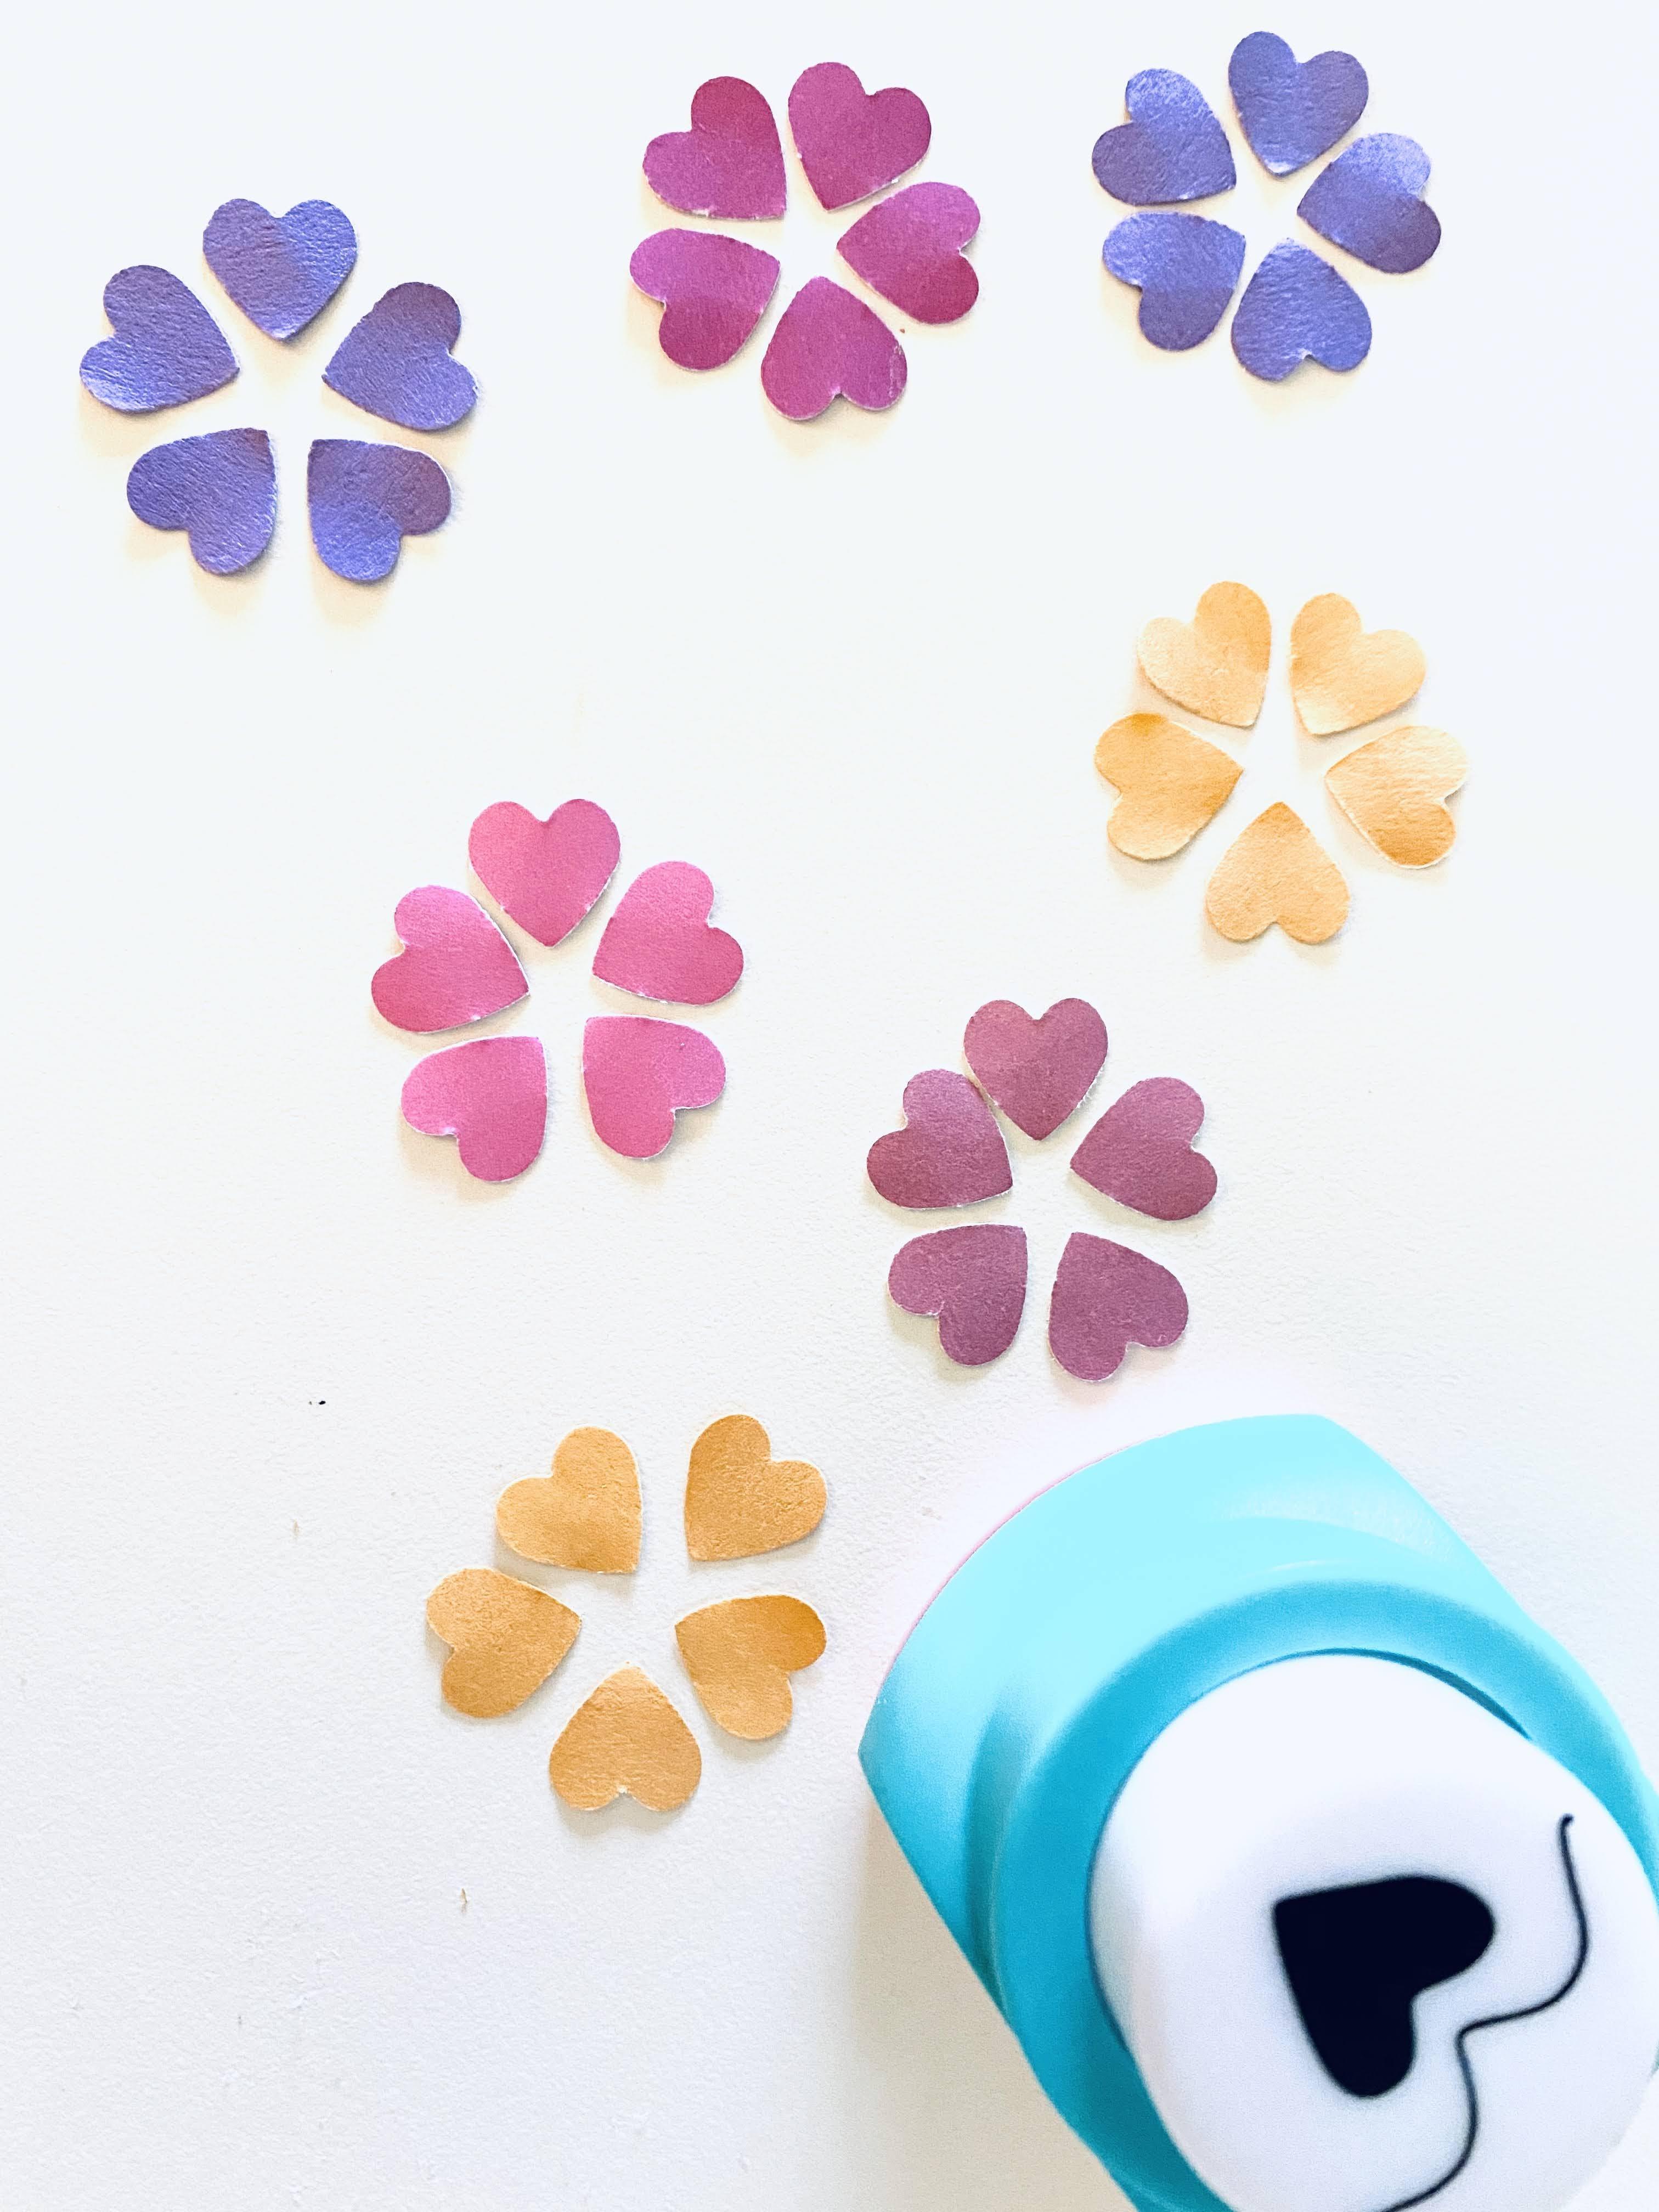 Heart petals orange yellow pink magenta and purple cardstock